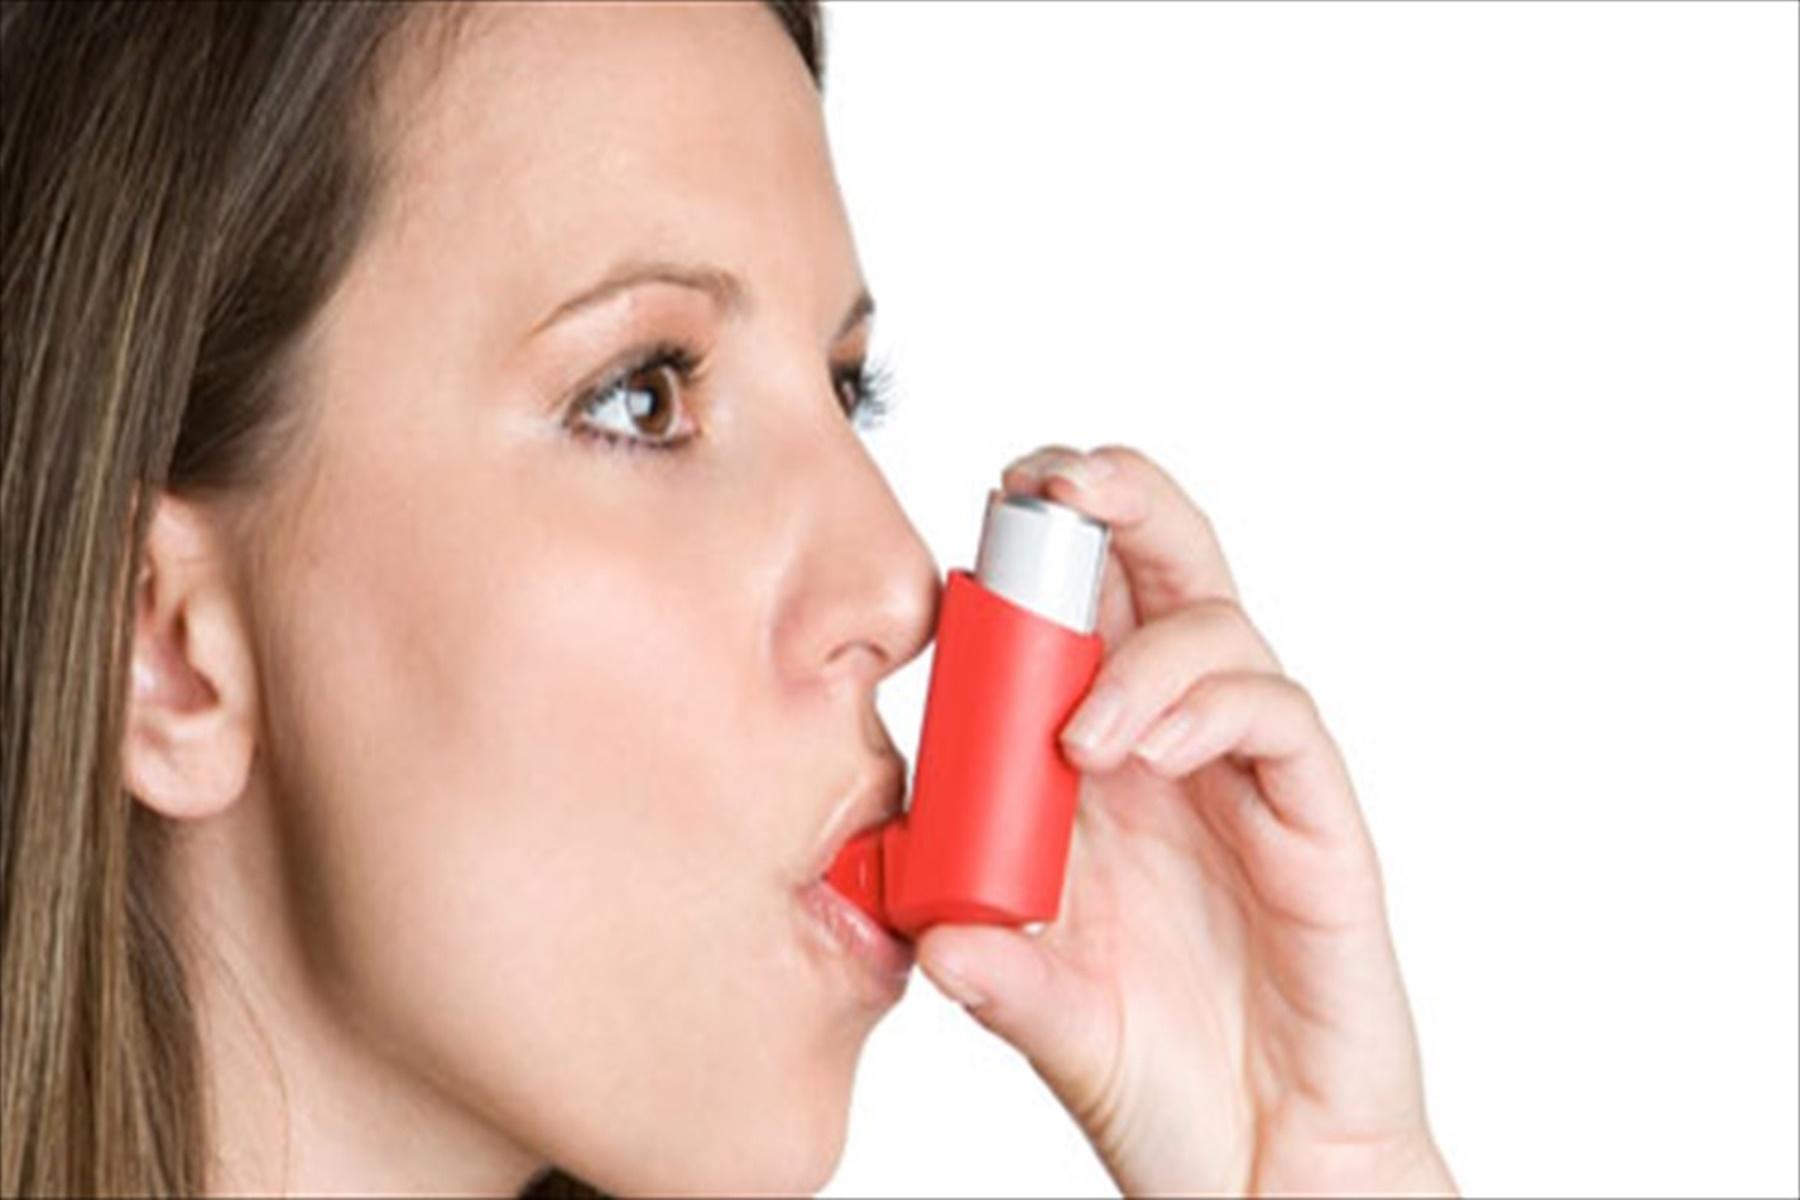 Άσθμα : Συμβουλές για να το αντιμετωπίσετε